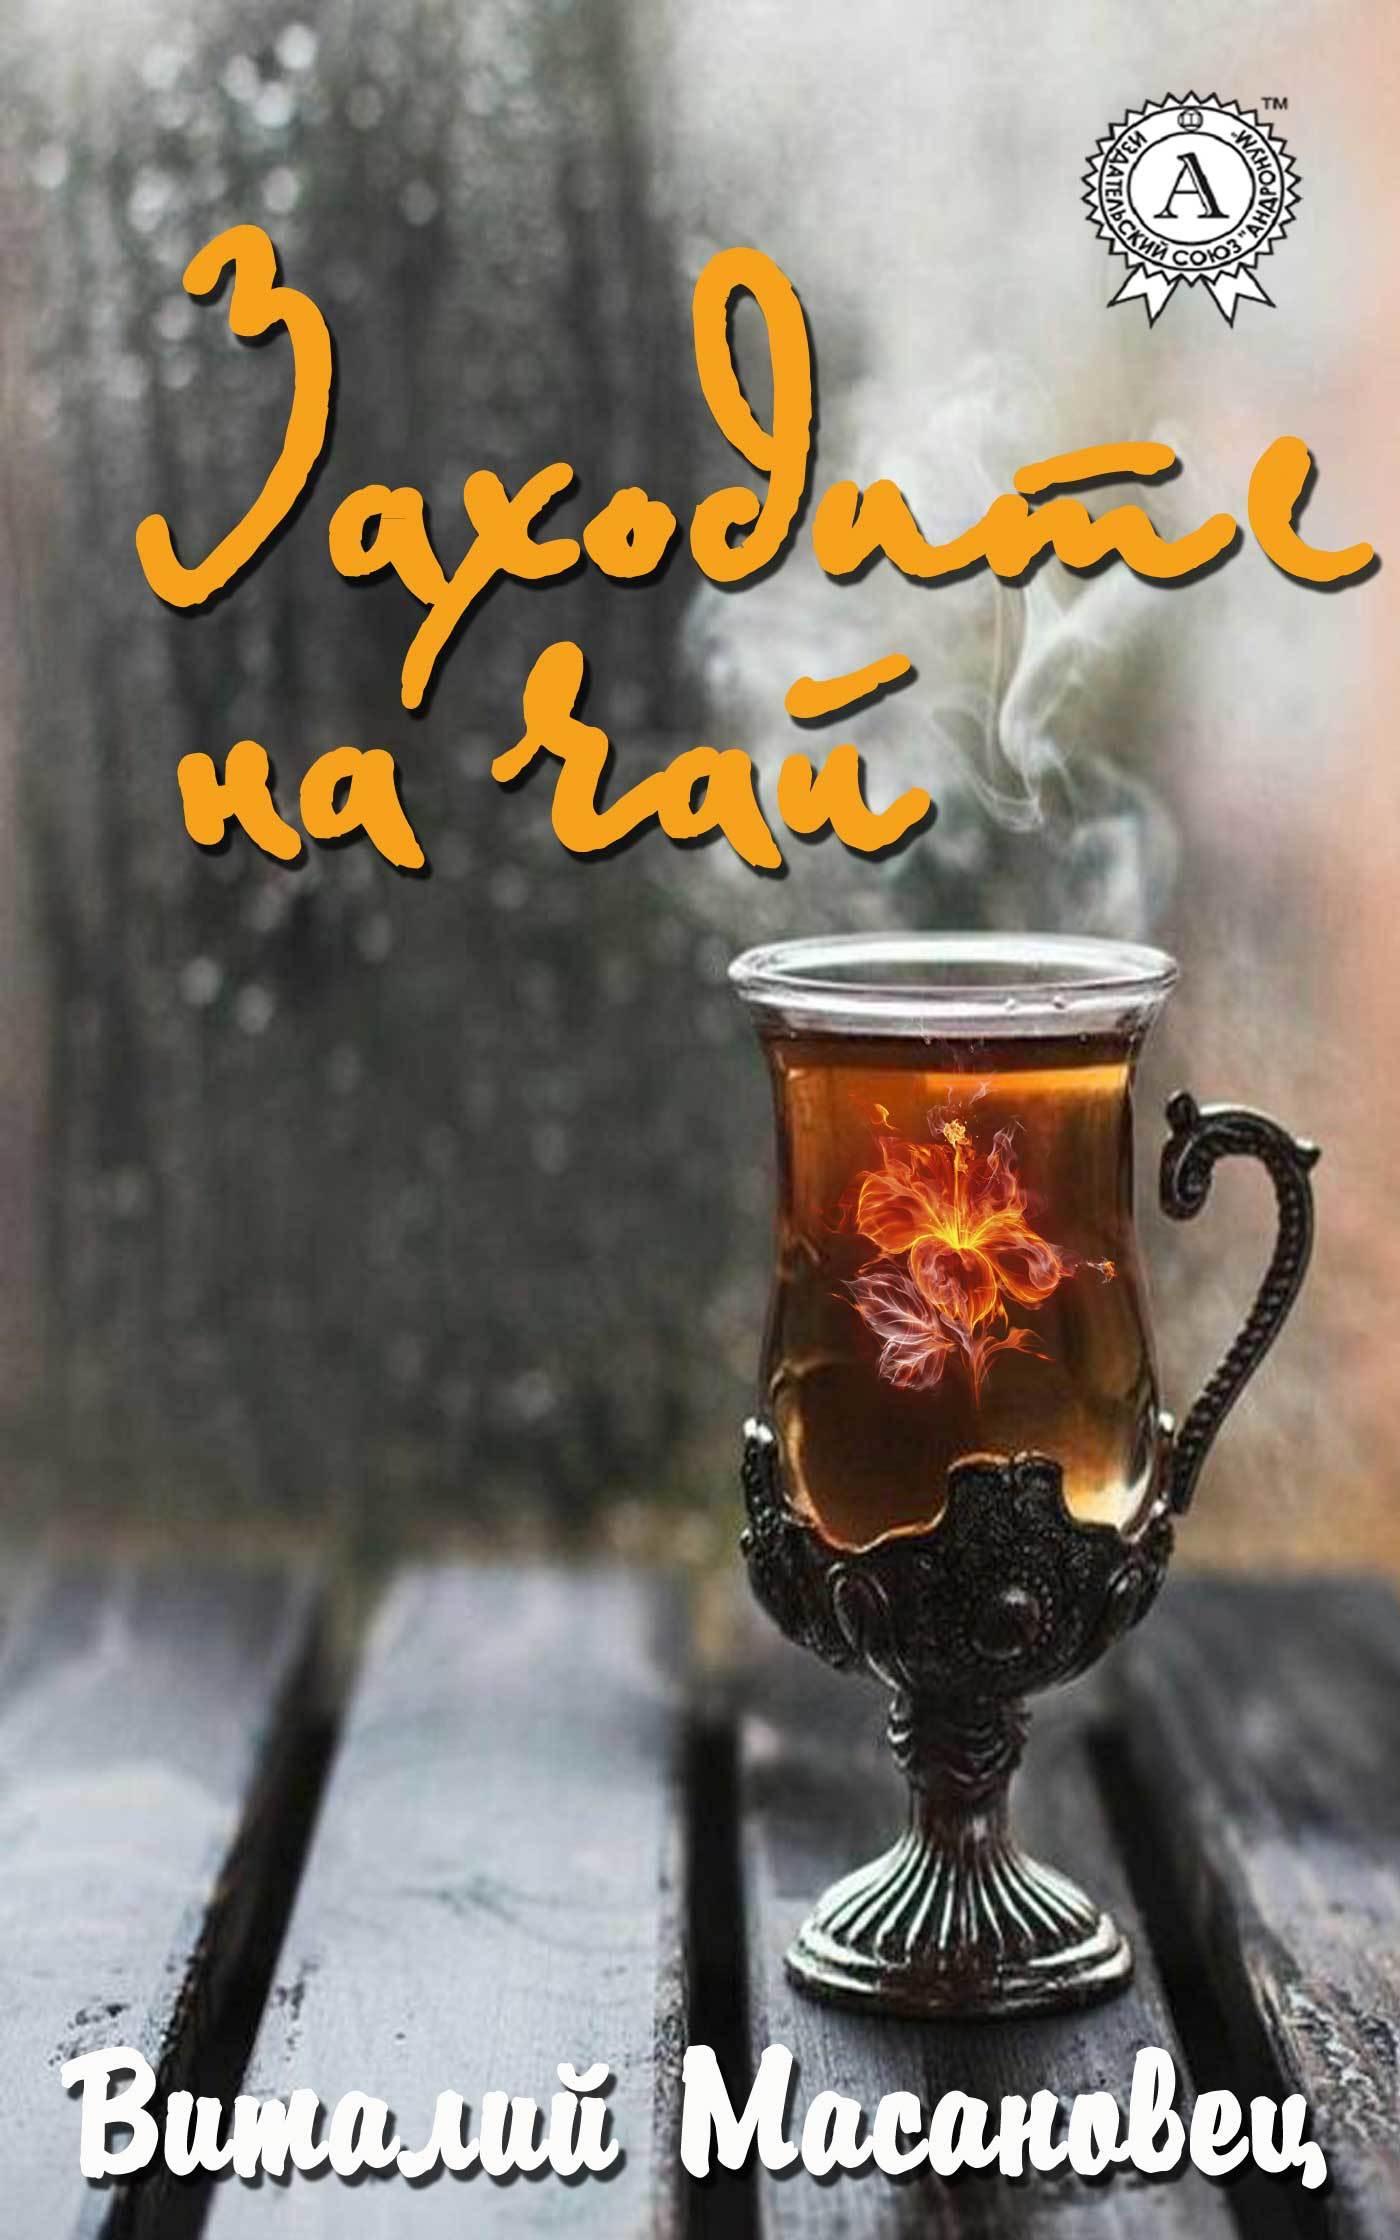 Виталий Масановец. Заходите на чай